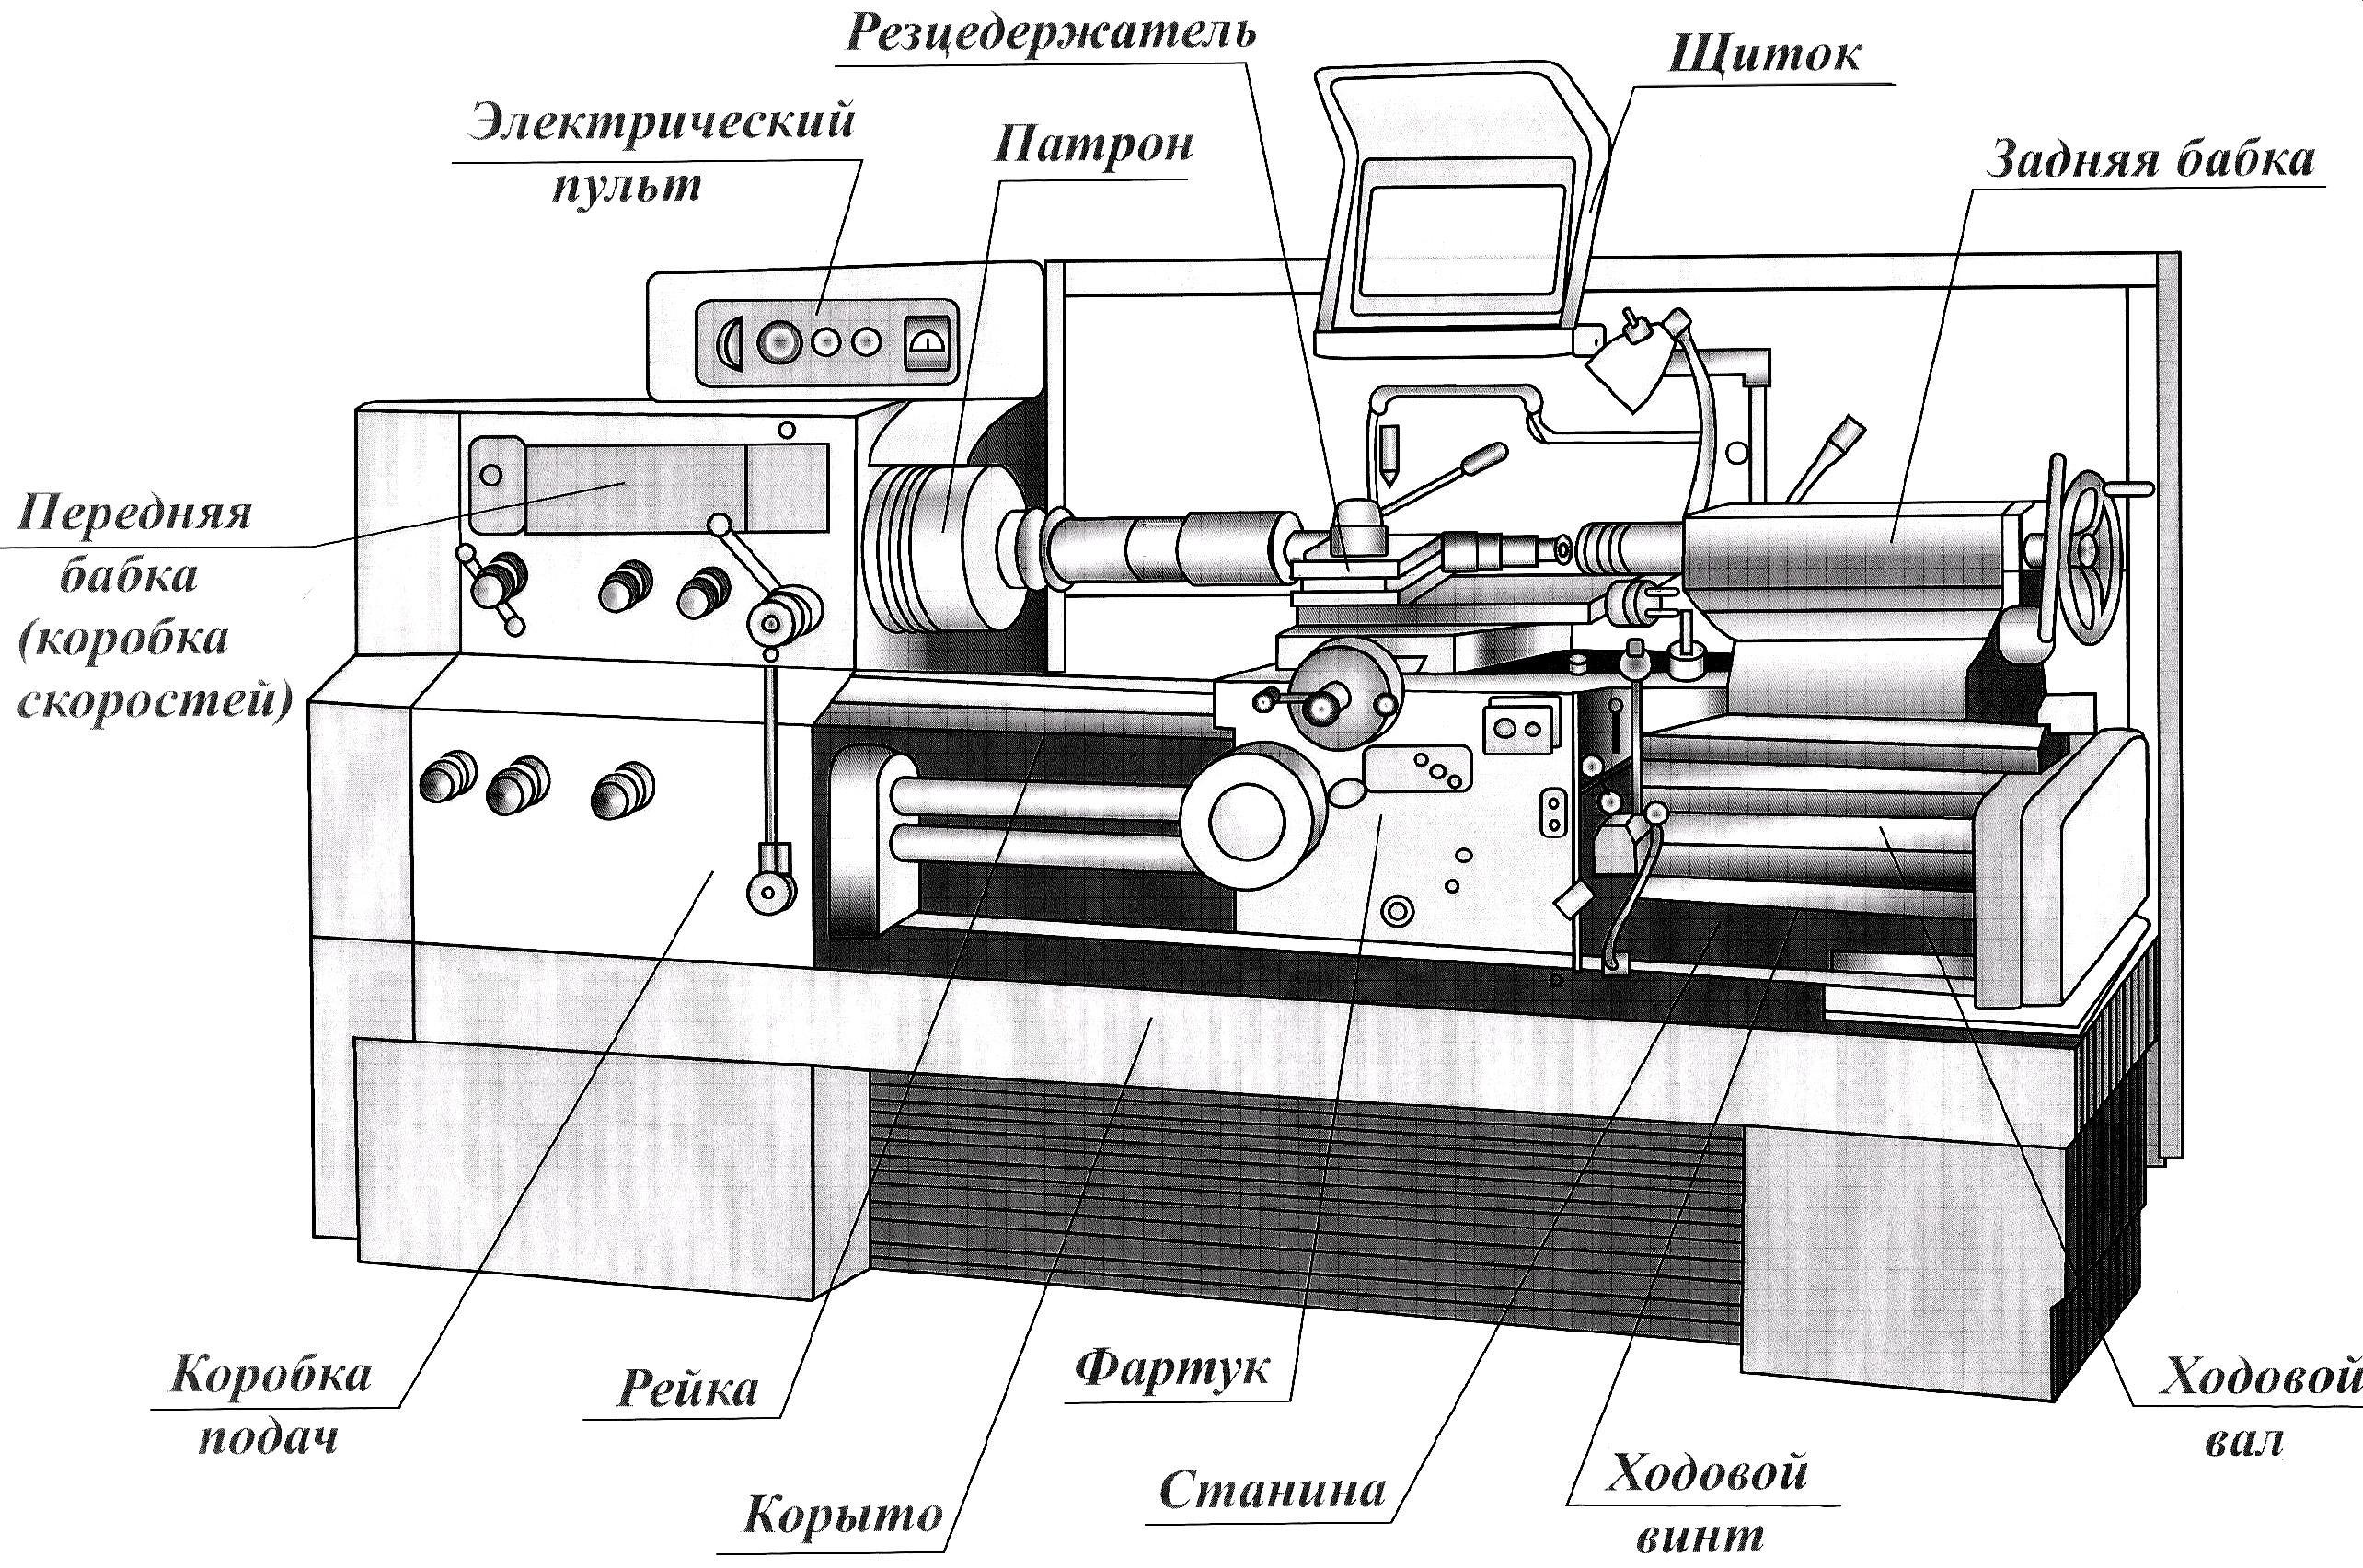 Основные узлы токарного станка 16к20 – основные узлы токарно-винтового станка модели 16к20 и их назначение – сервис-инструмент